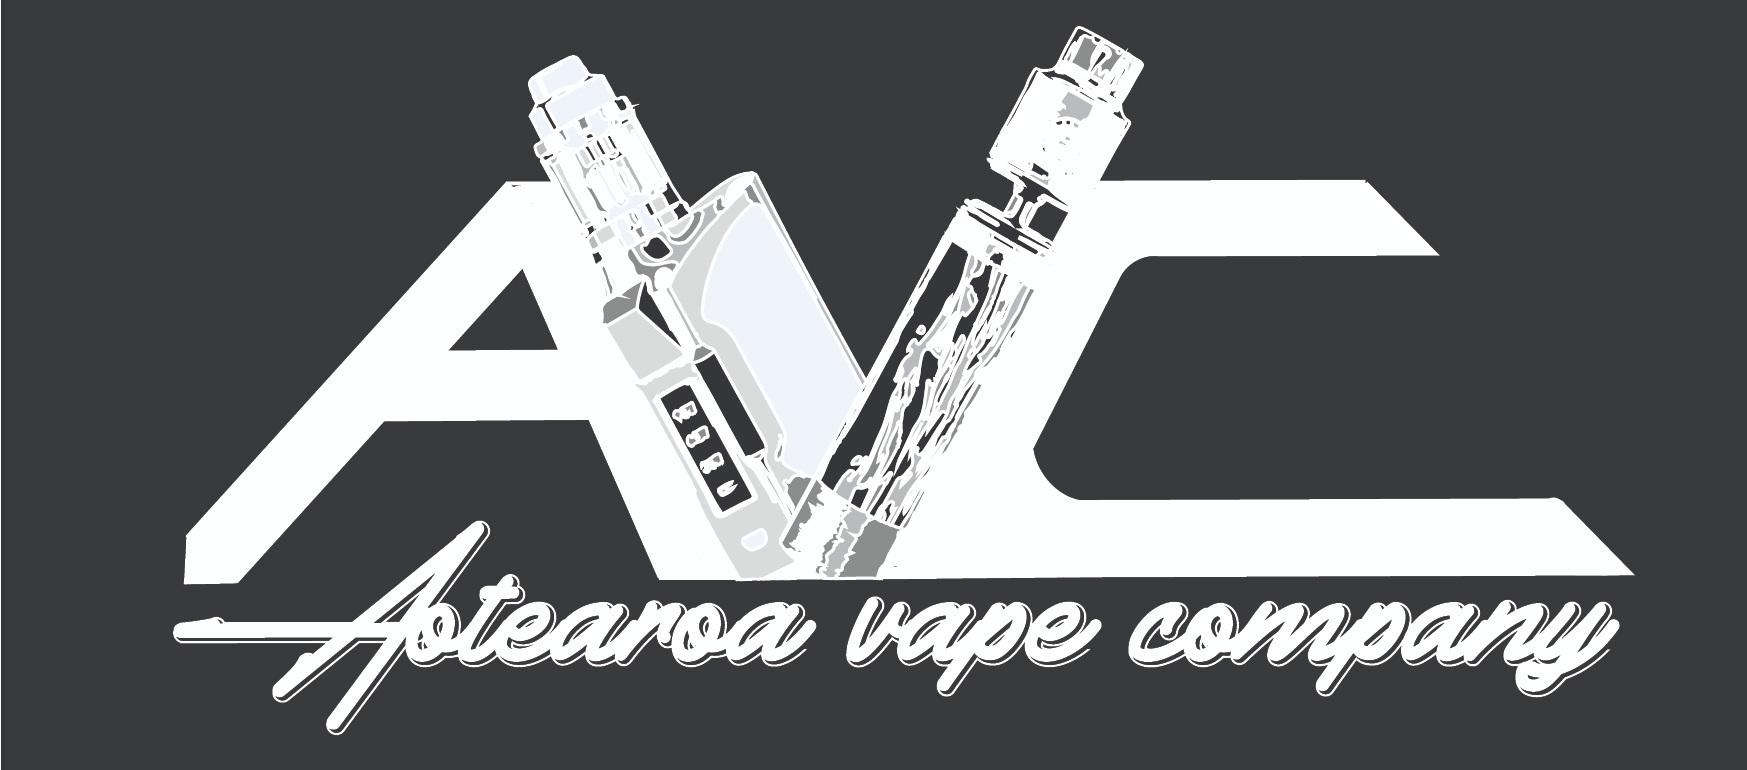 Aotearoa Vape Company - White on black logo